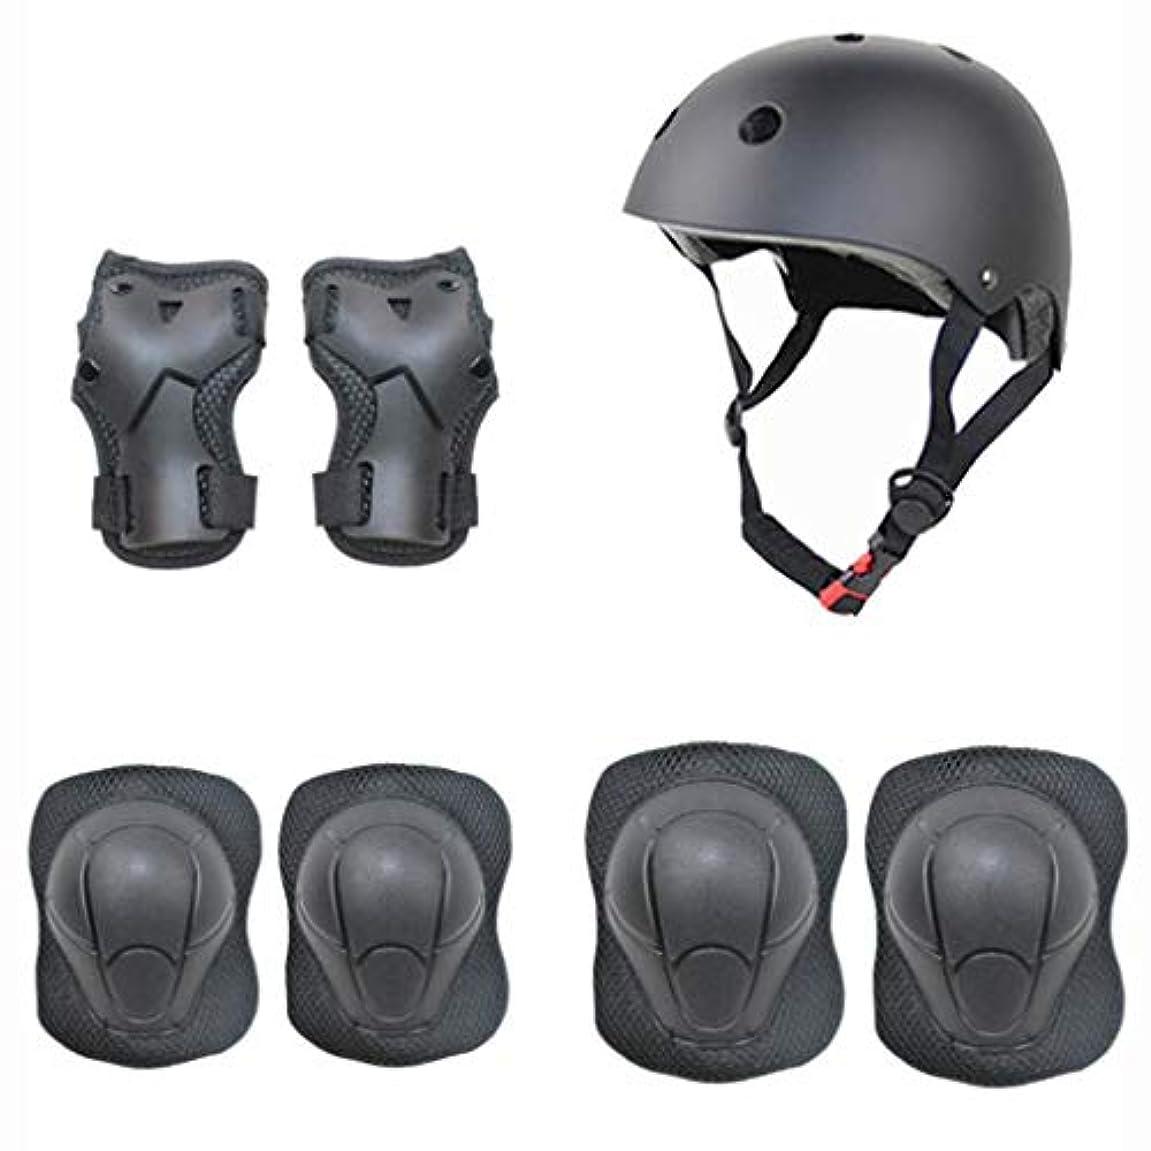 心理的に先住民ブラジャー保護具セット、セーフティパッド、肘手首ヘルメット、子供用サポートパッドマルチスポーツアウトドアアクティビティ(7個)